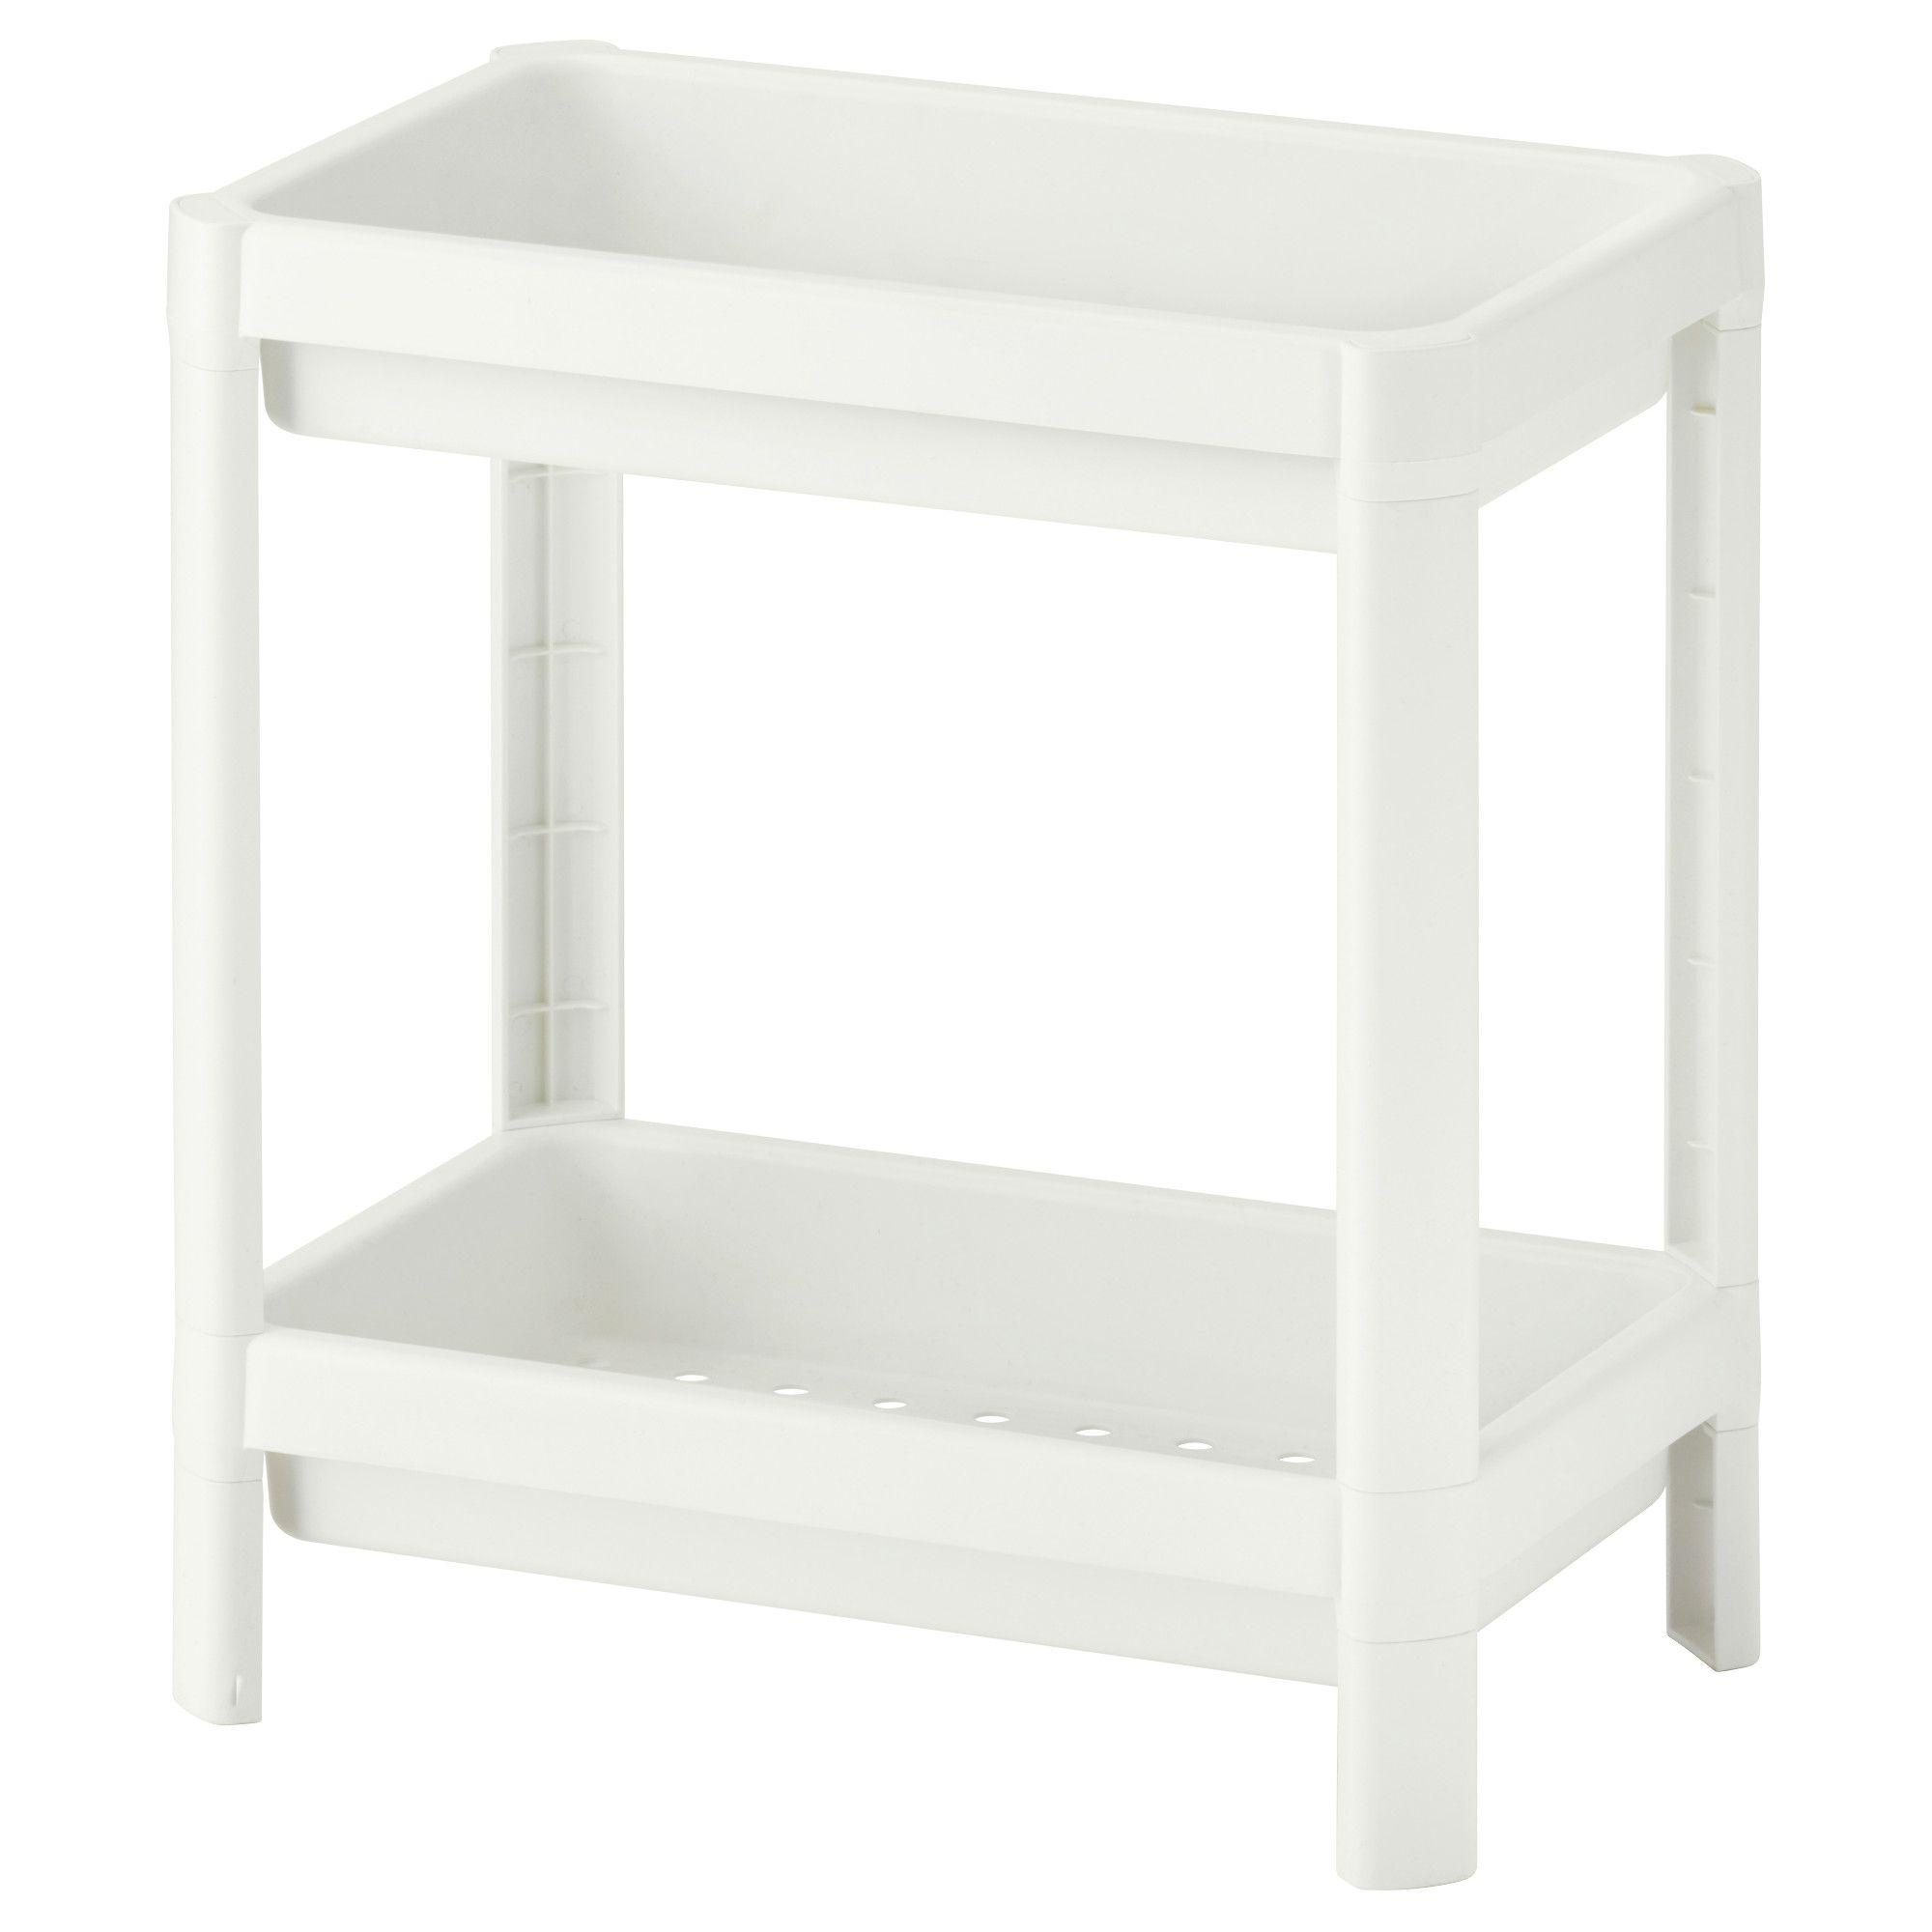 f3627ece272704e6e2f4e4ab55e2327c Incroyable De Table Basse Ikea Avec Tiroir Concept